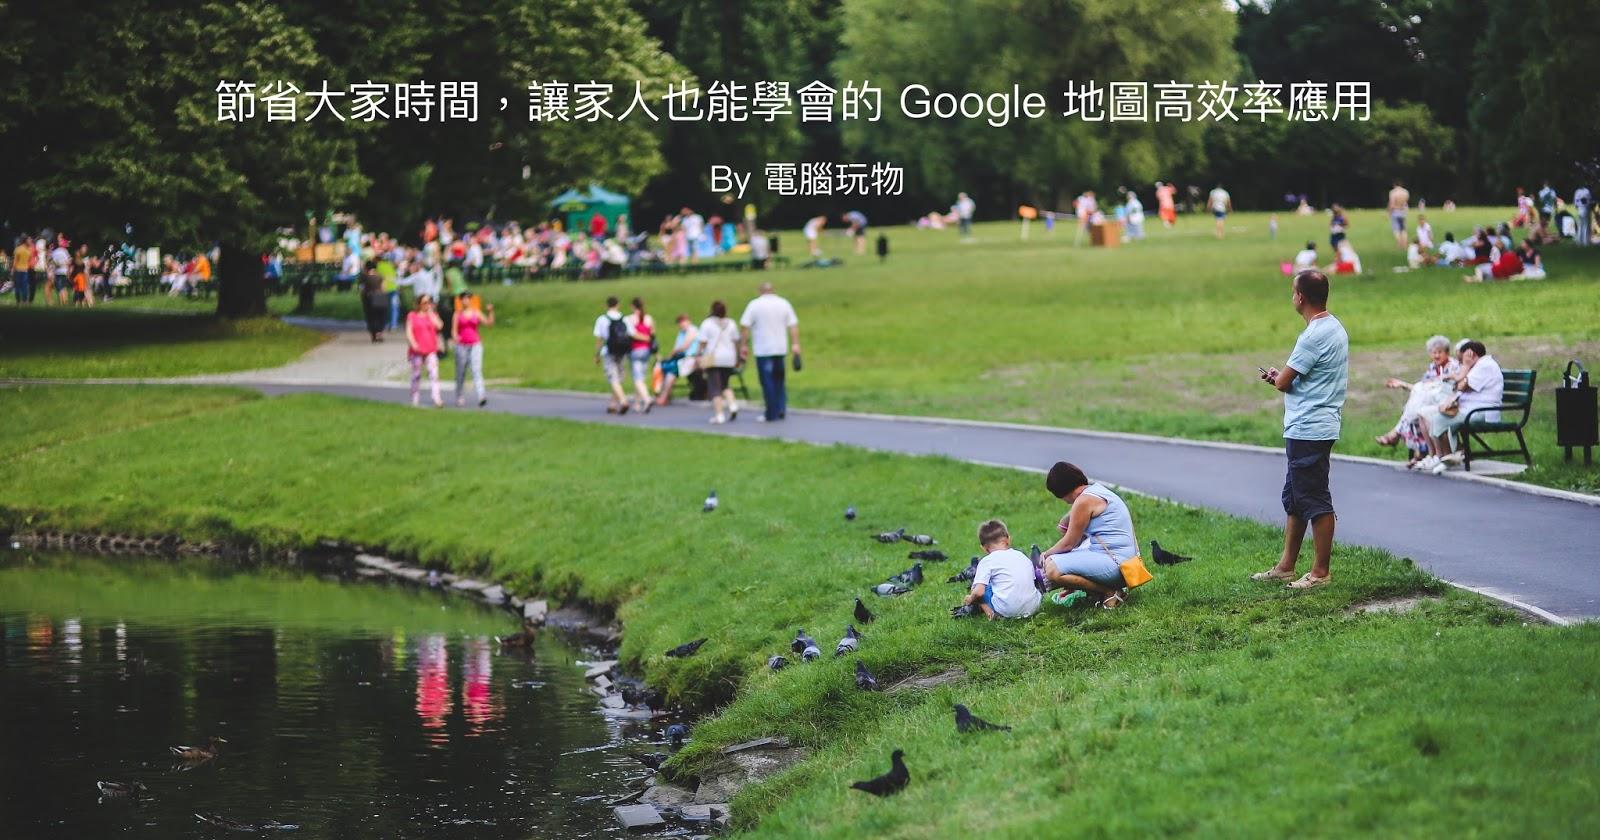 讓家人都能快速學會的 Google 地圖家族旅行應用懶人包分享